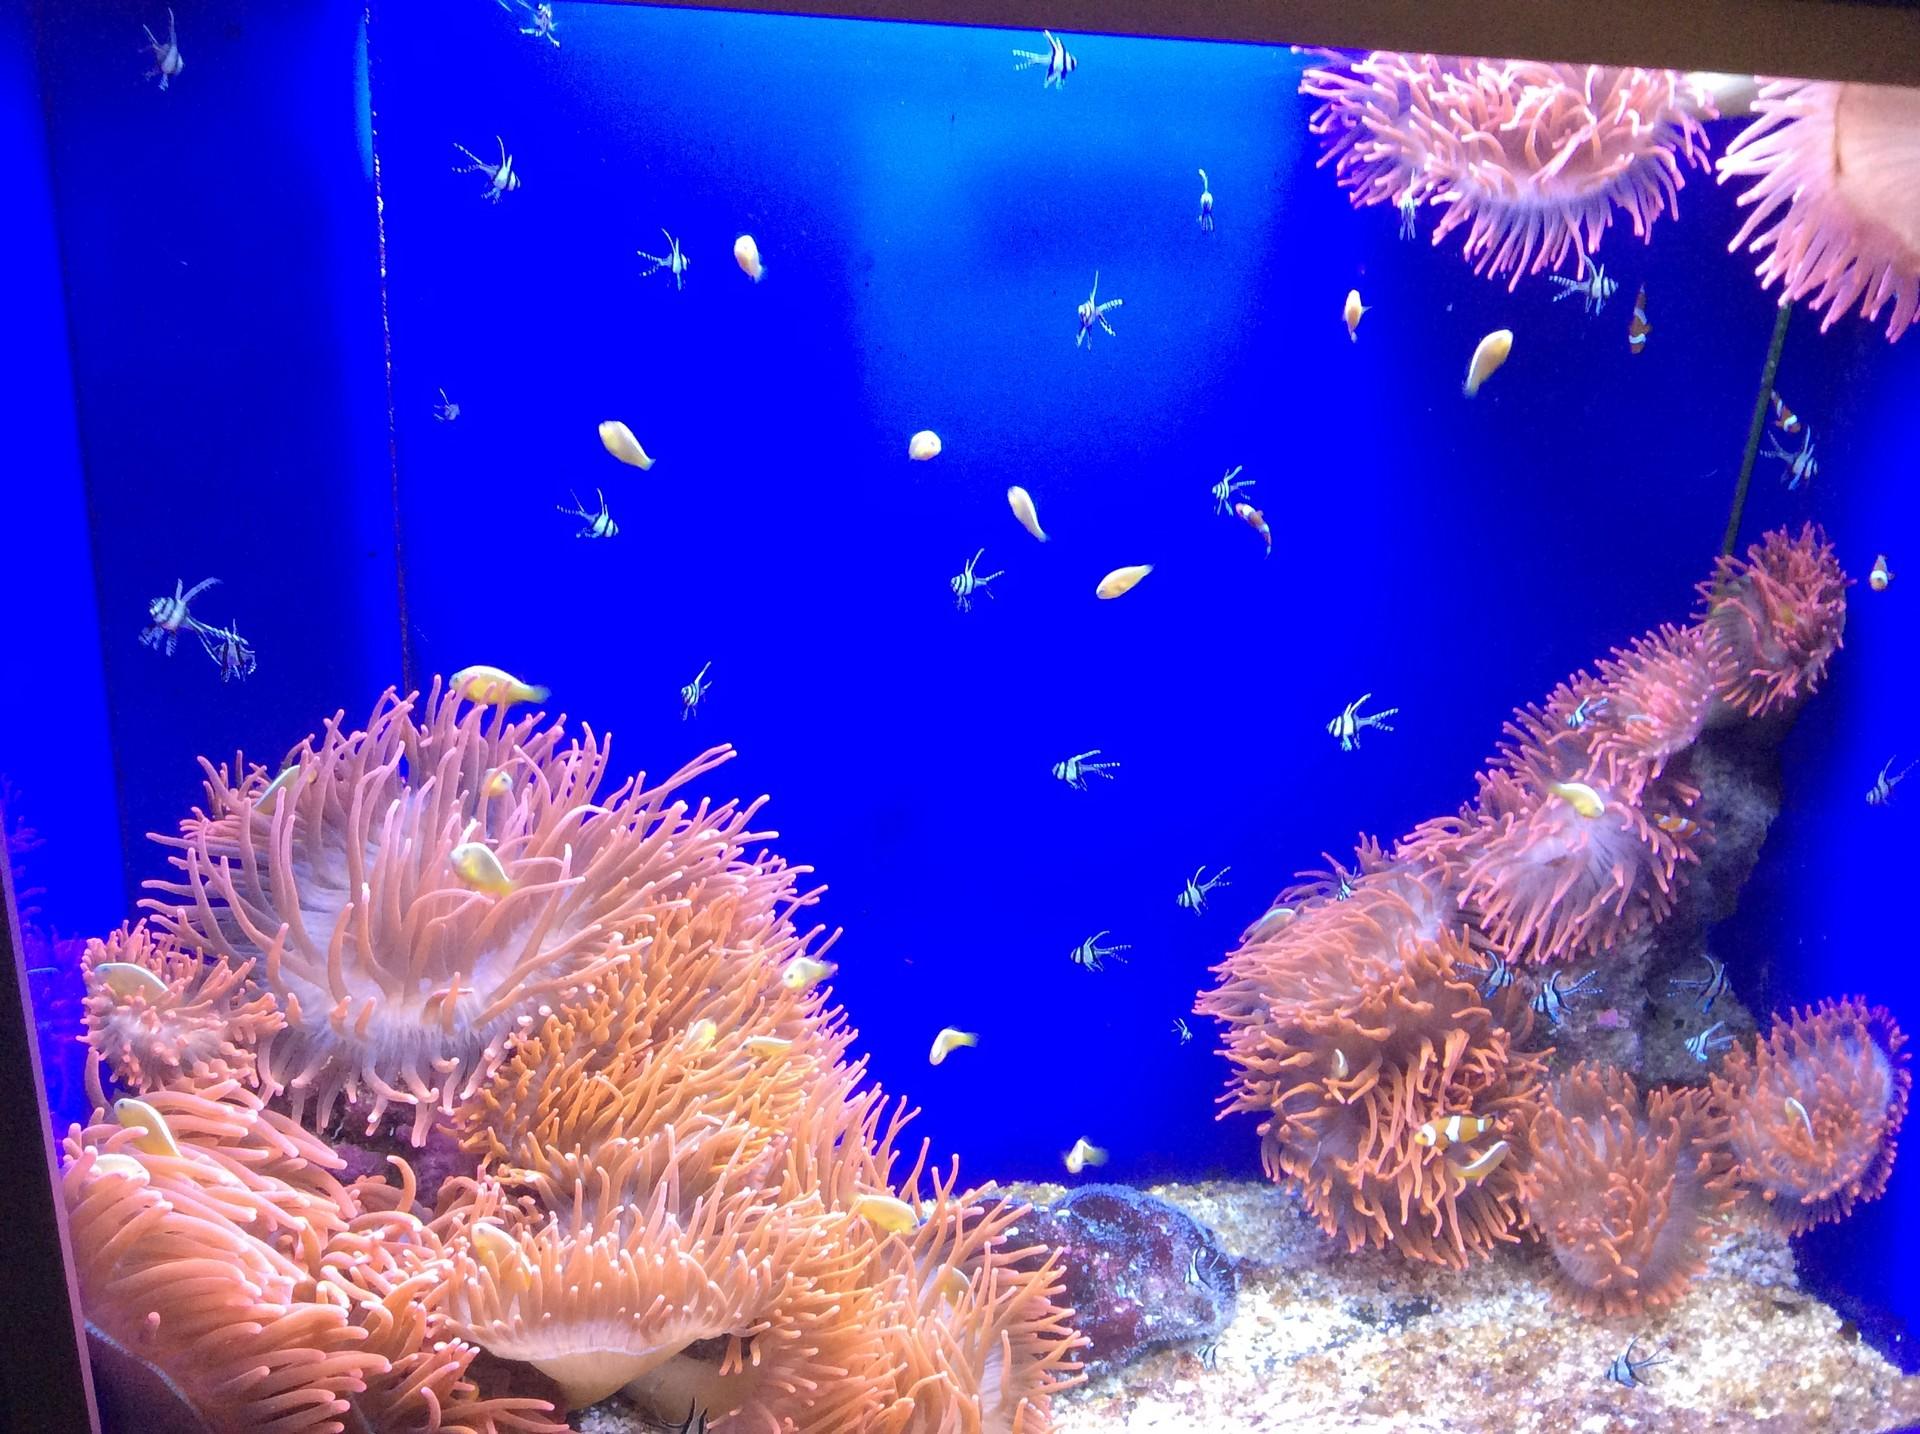 aquarium-genoa-italy-93f07951857722dbde9